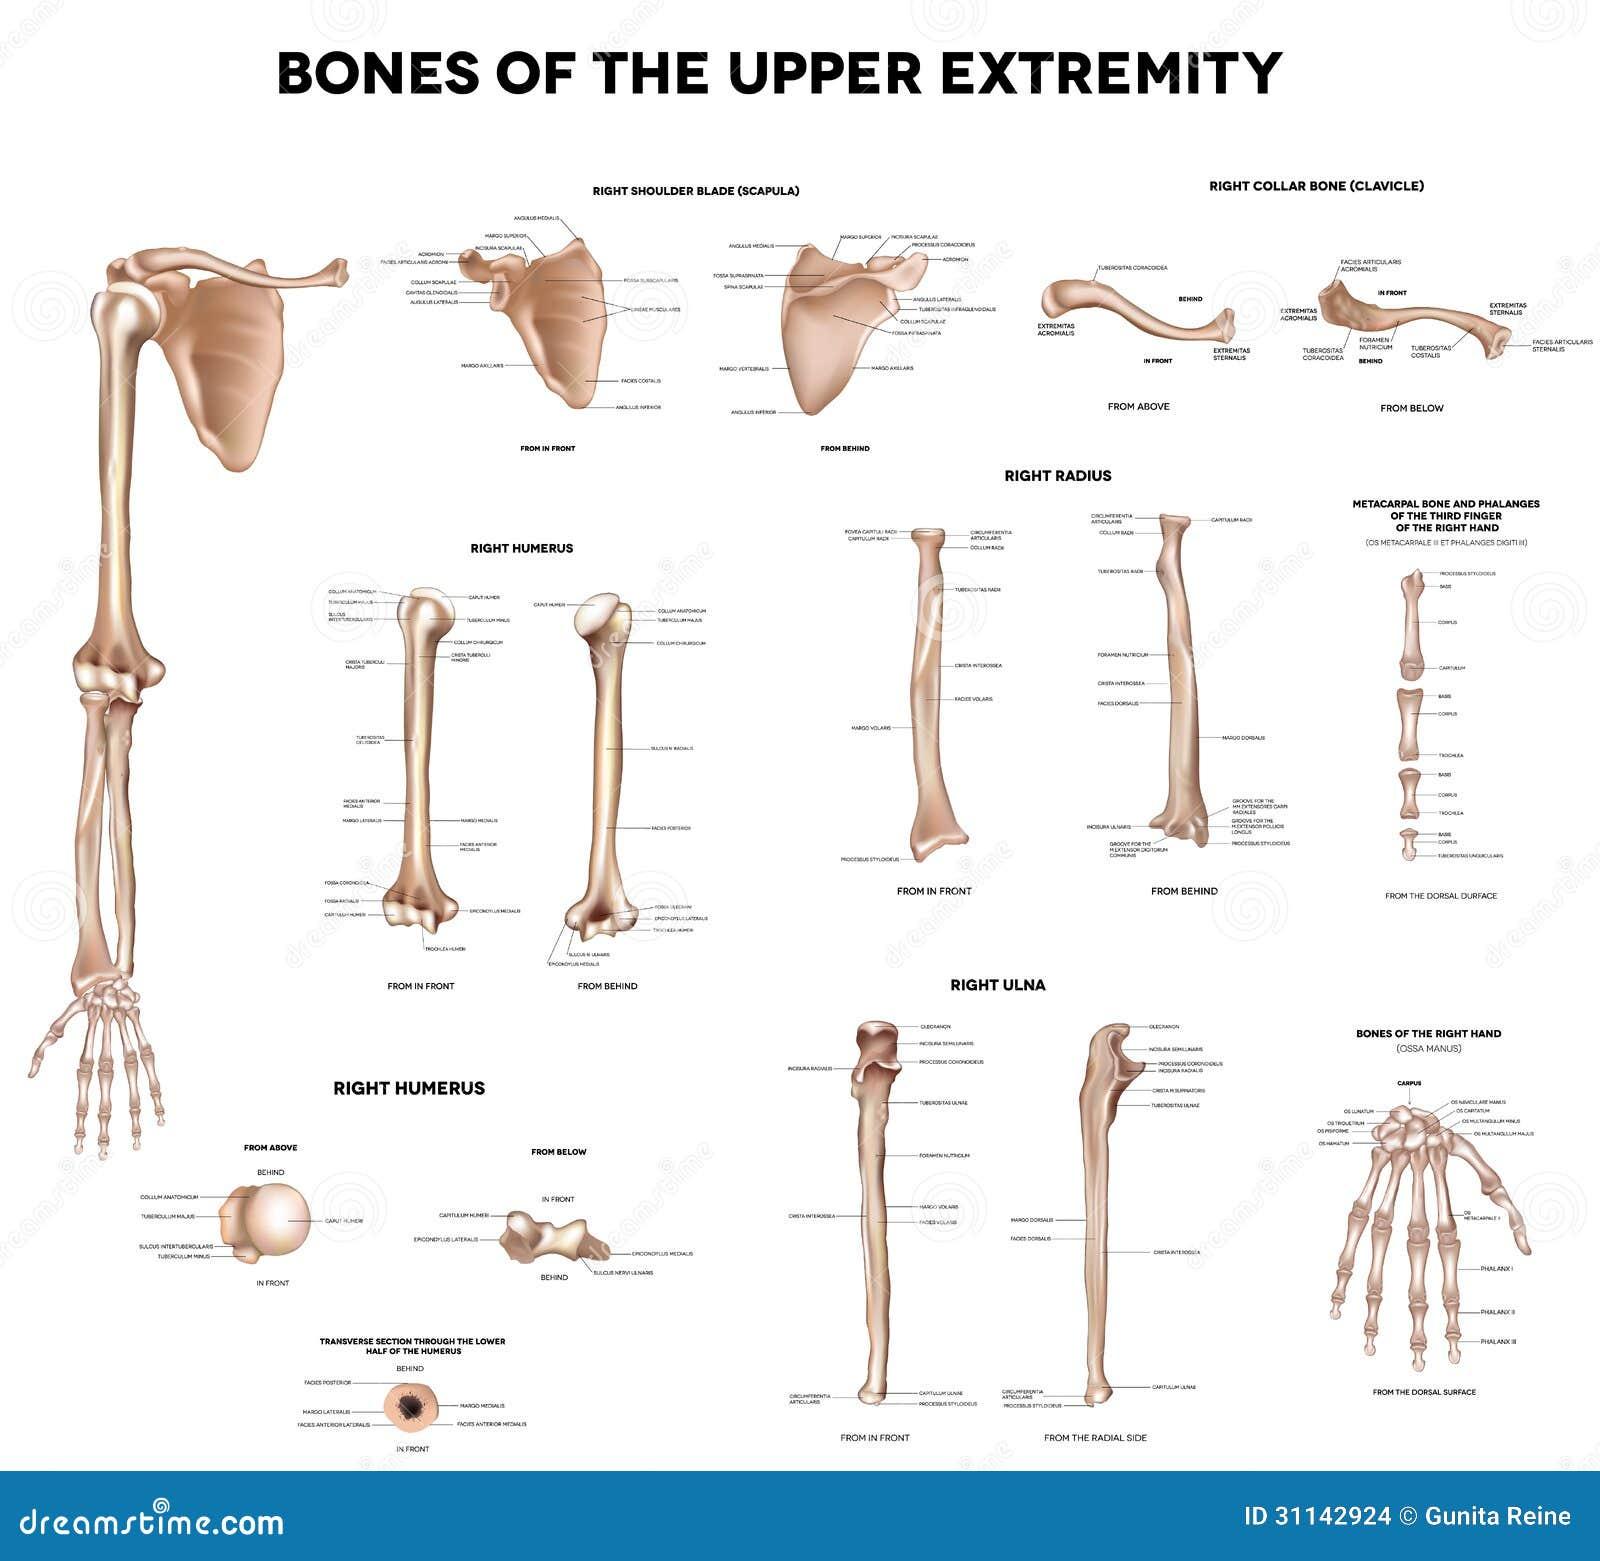 Das Skelett des Menschen (Abbildung von 1888)